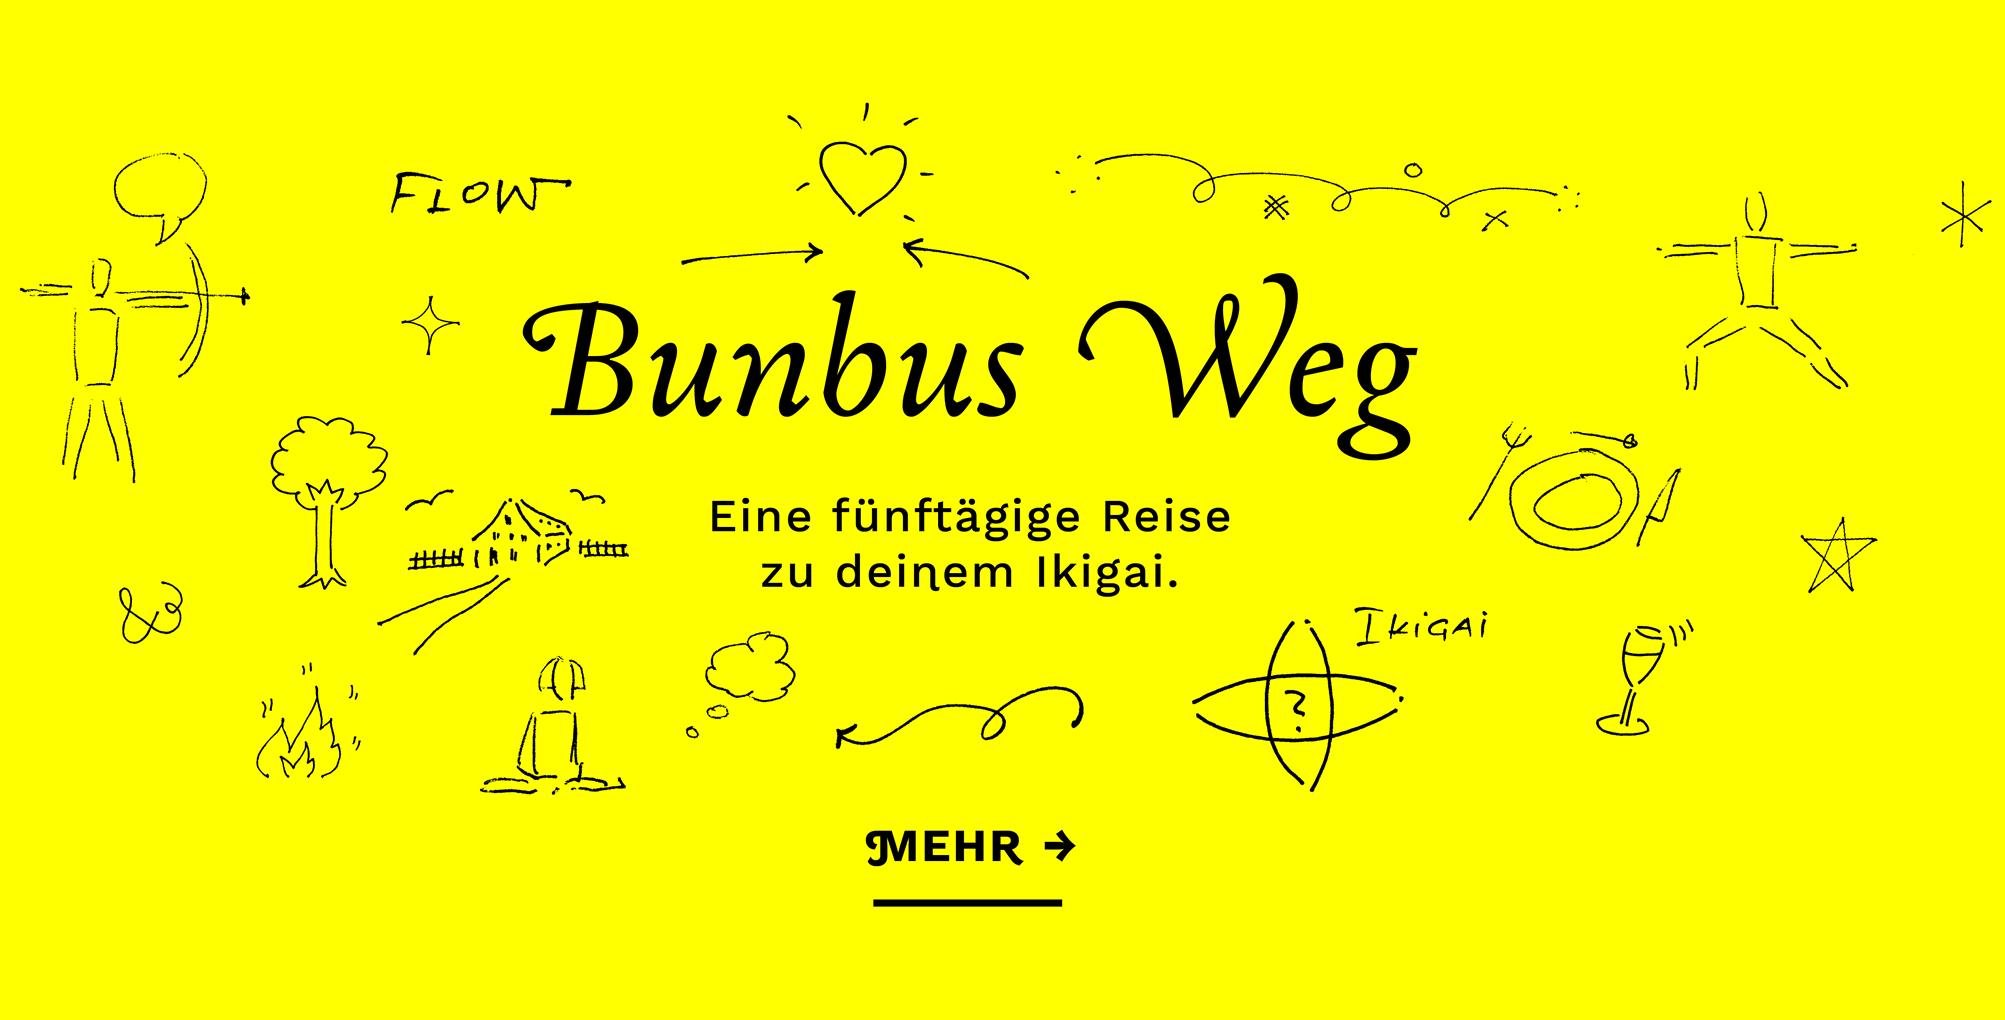 Bunbus Weg